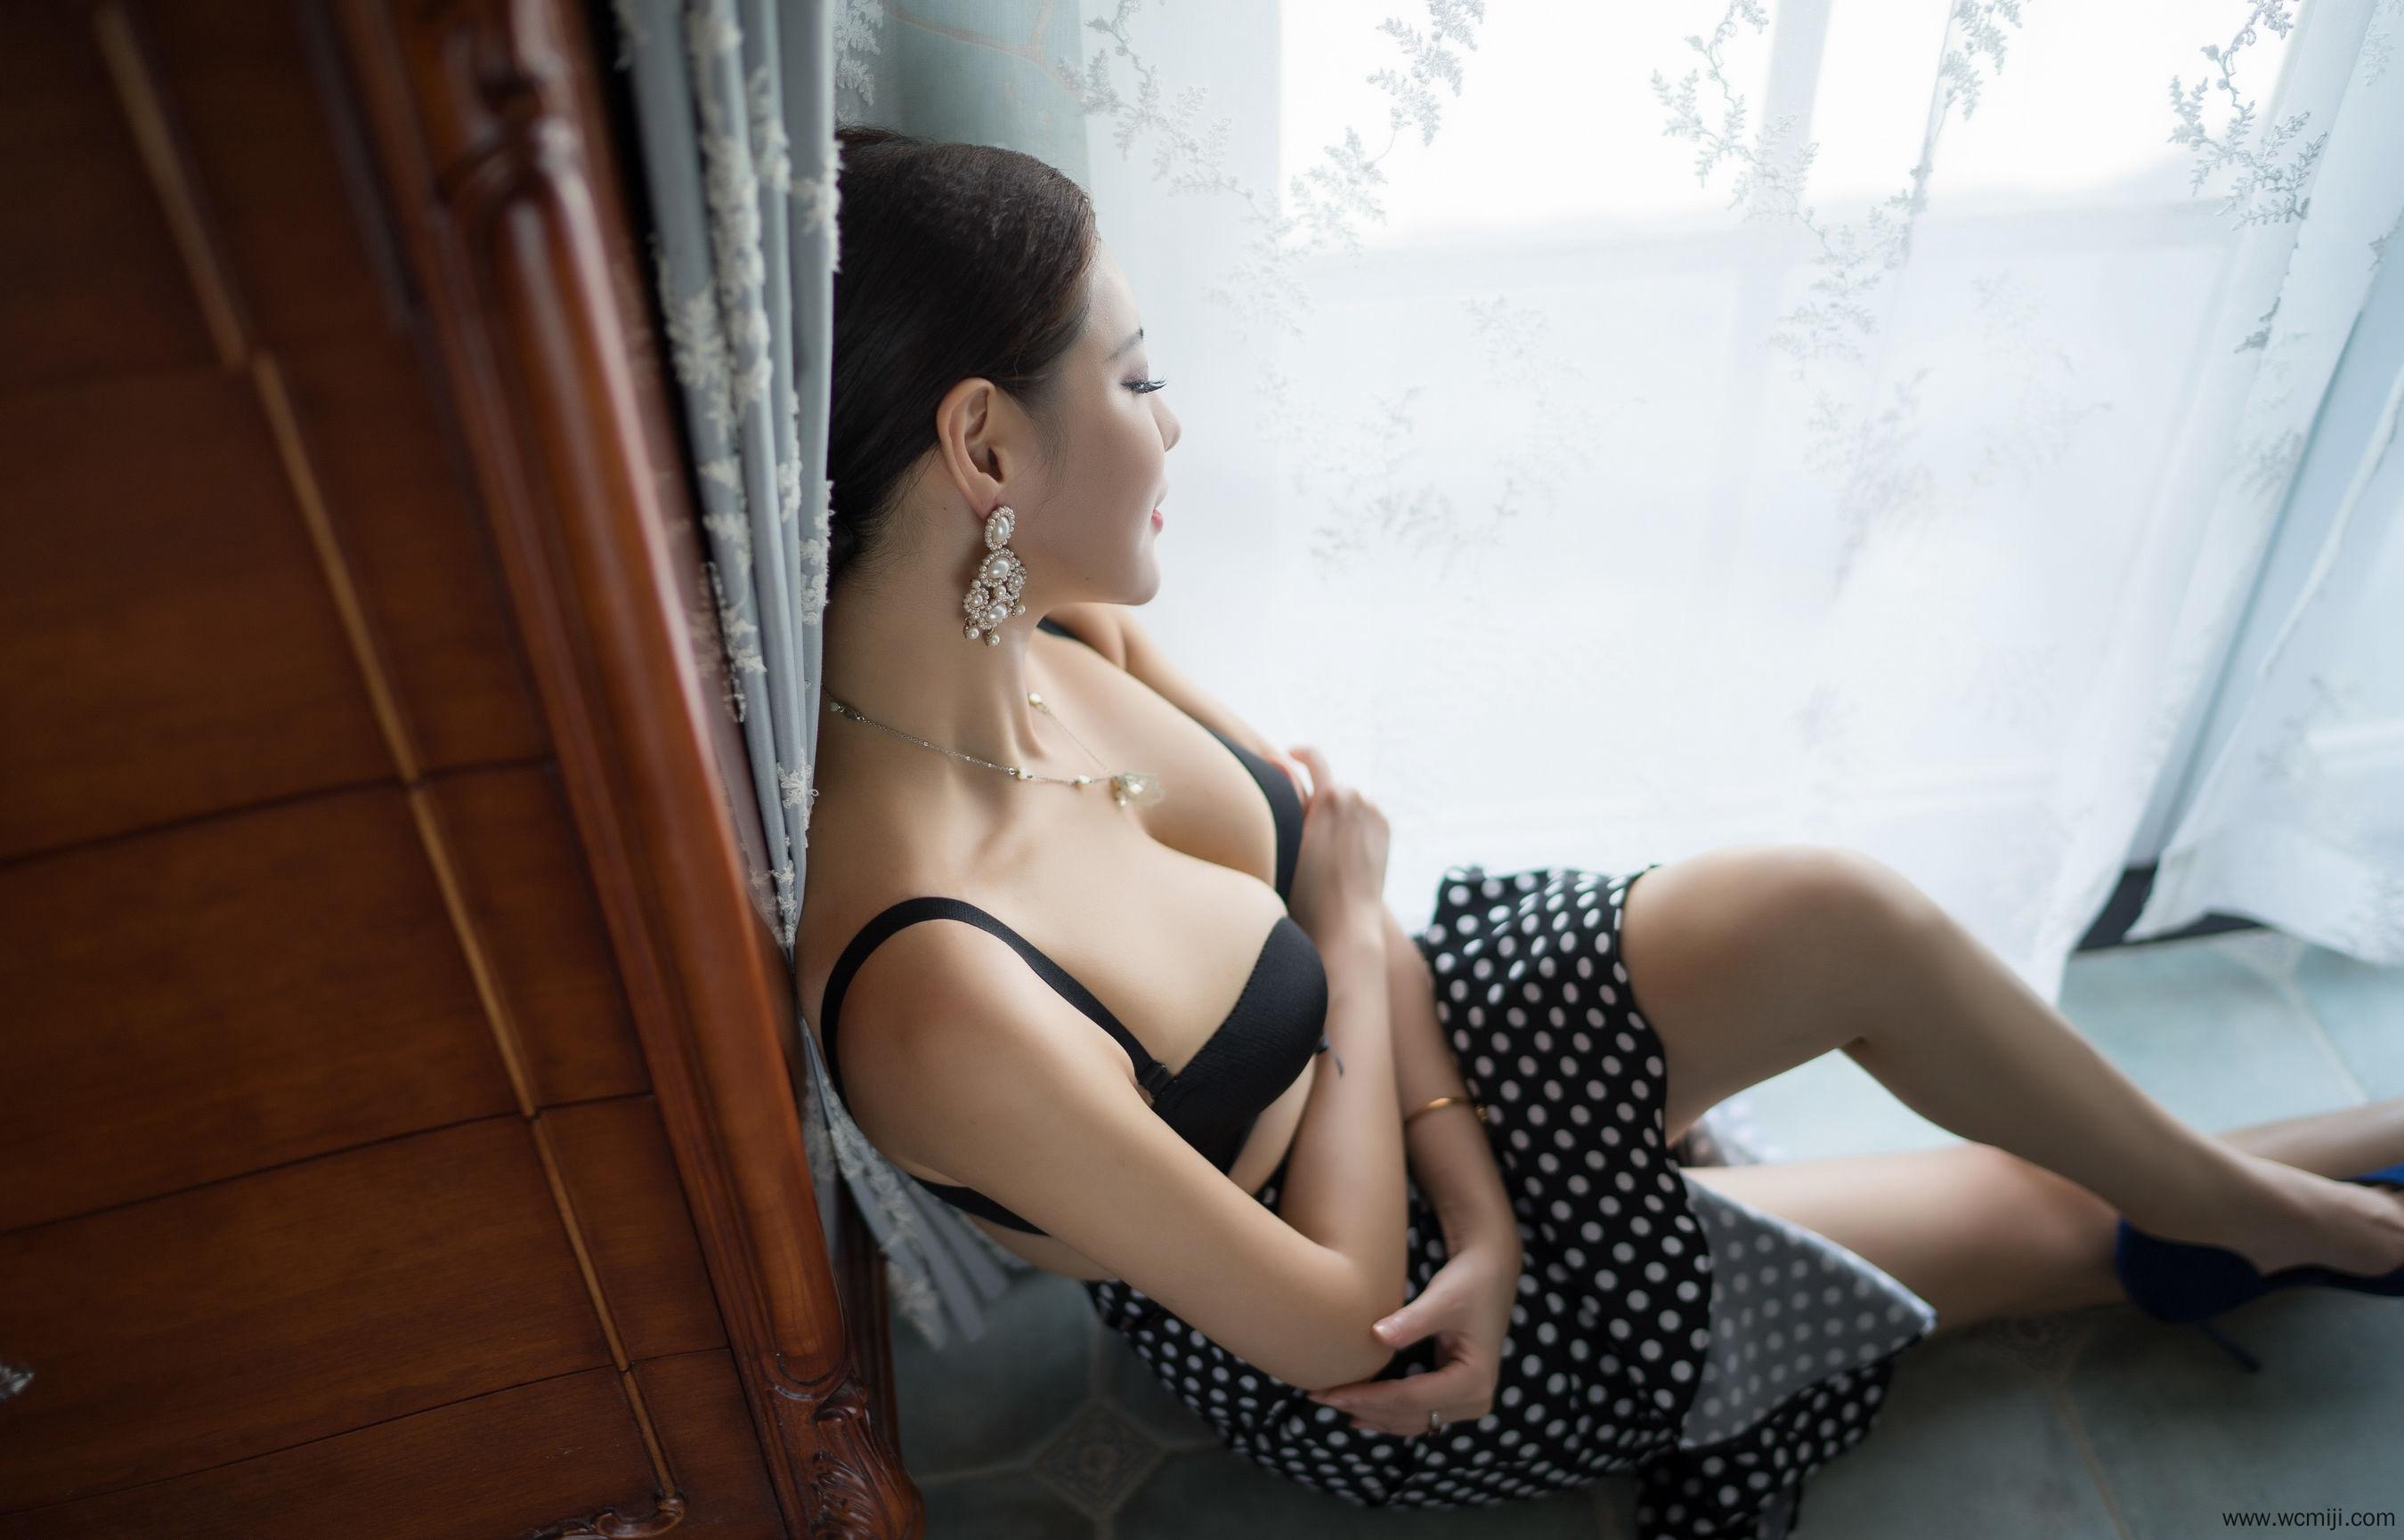 【网红】【李由美】性感女神李由美妖艳内衣人体艺术套图【30P】 性感内衣